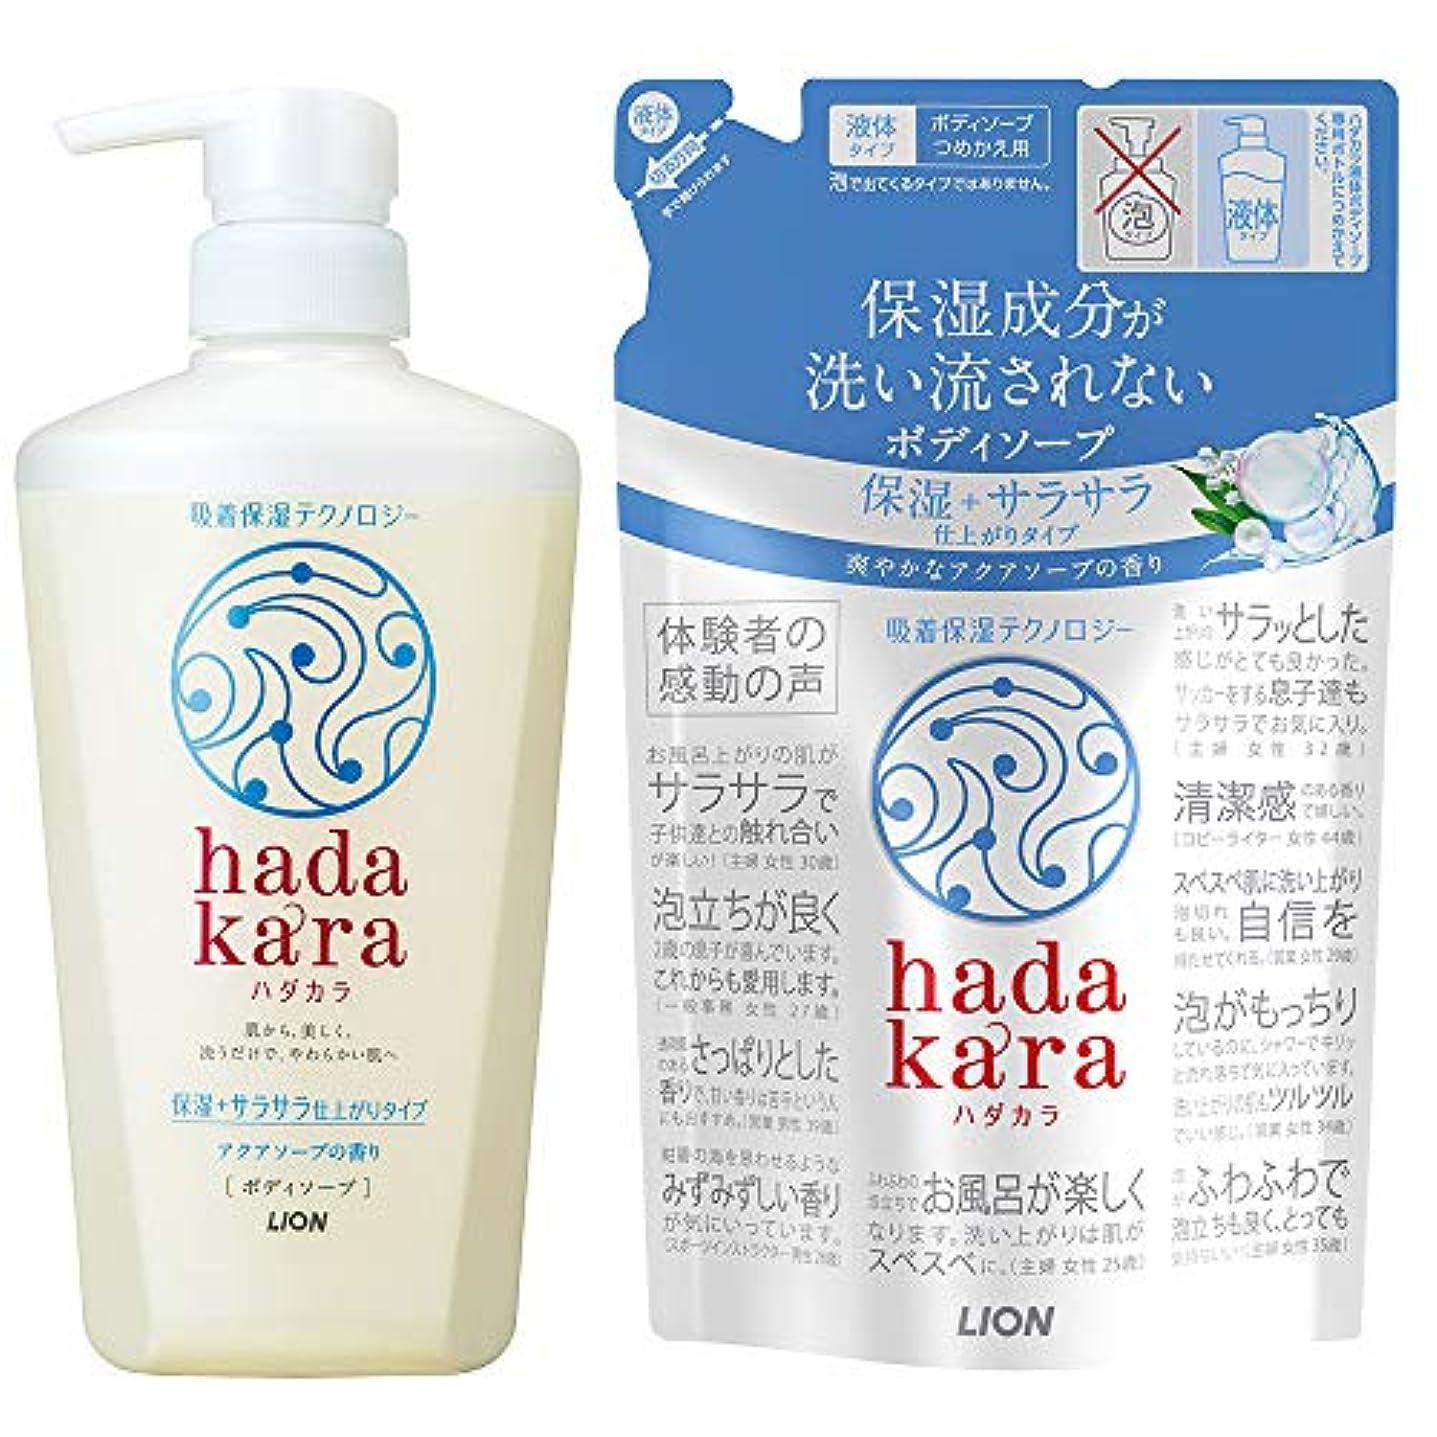 階アレルギー誓いhadakara(ハダカラ)ボディソープ 保湿+サラサラ仕上がりタイプ アクアソープの香り 本体 480ml + つめかえ 340ml